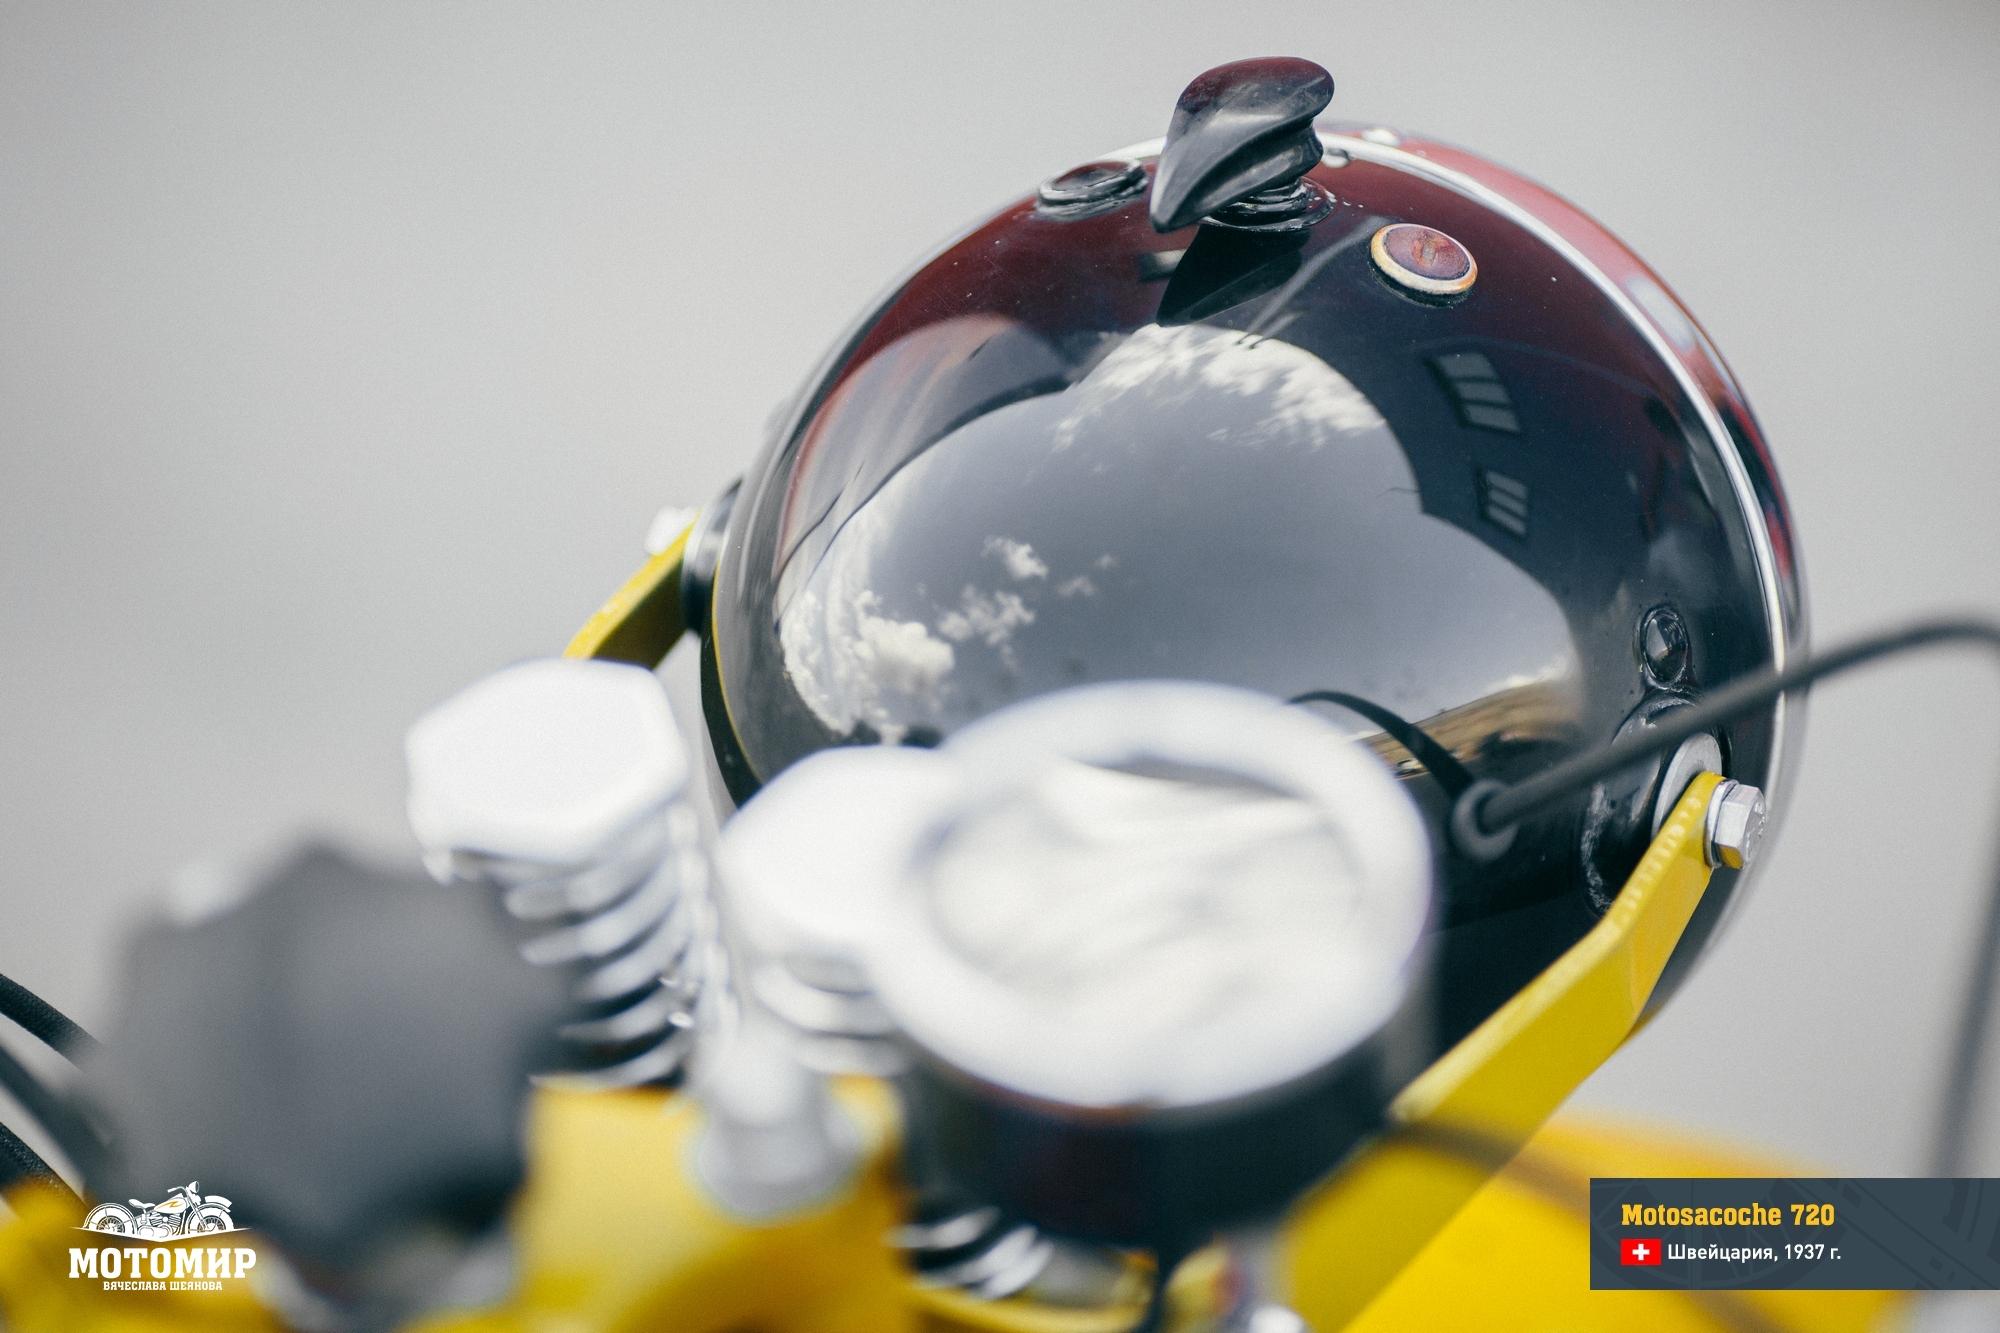 motosacoche-720-201510-web-16